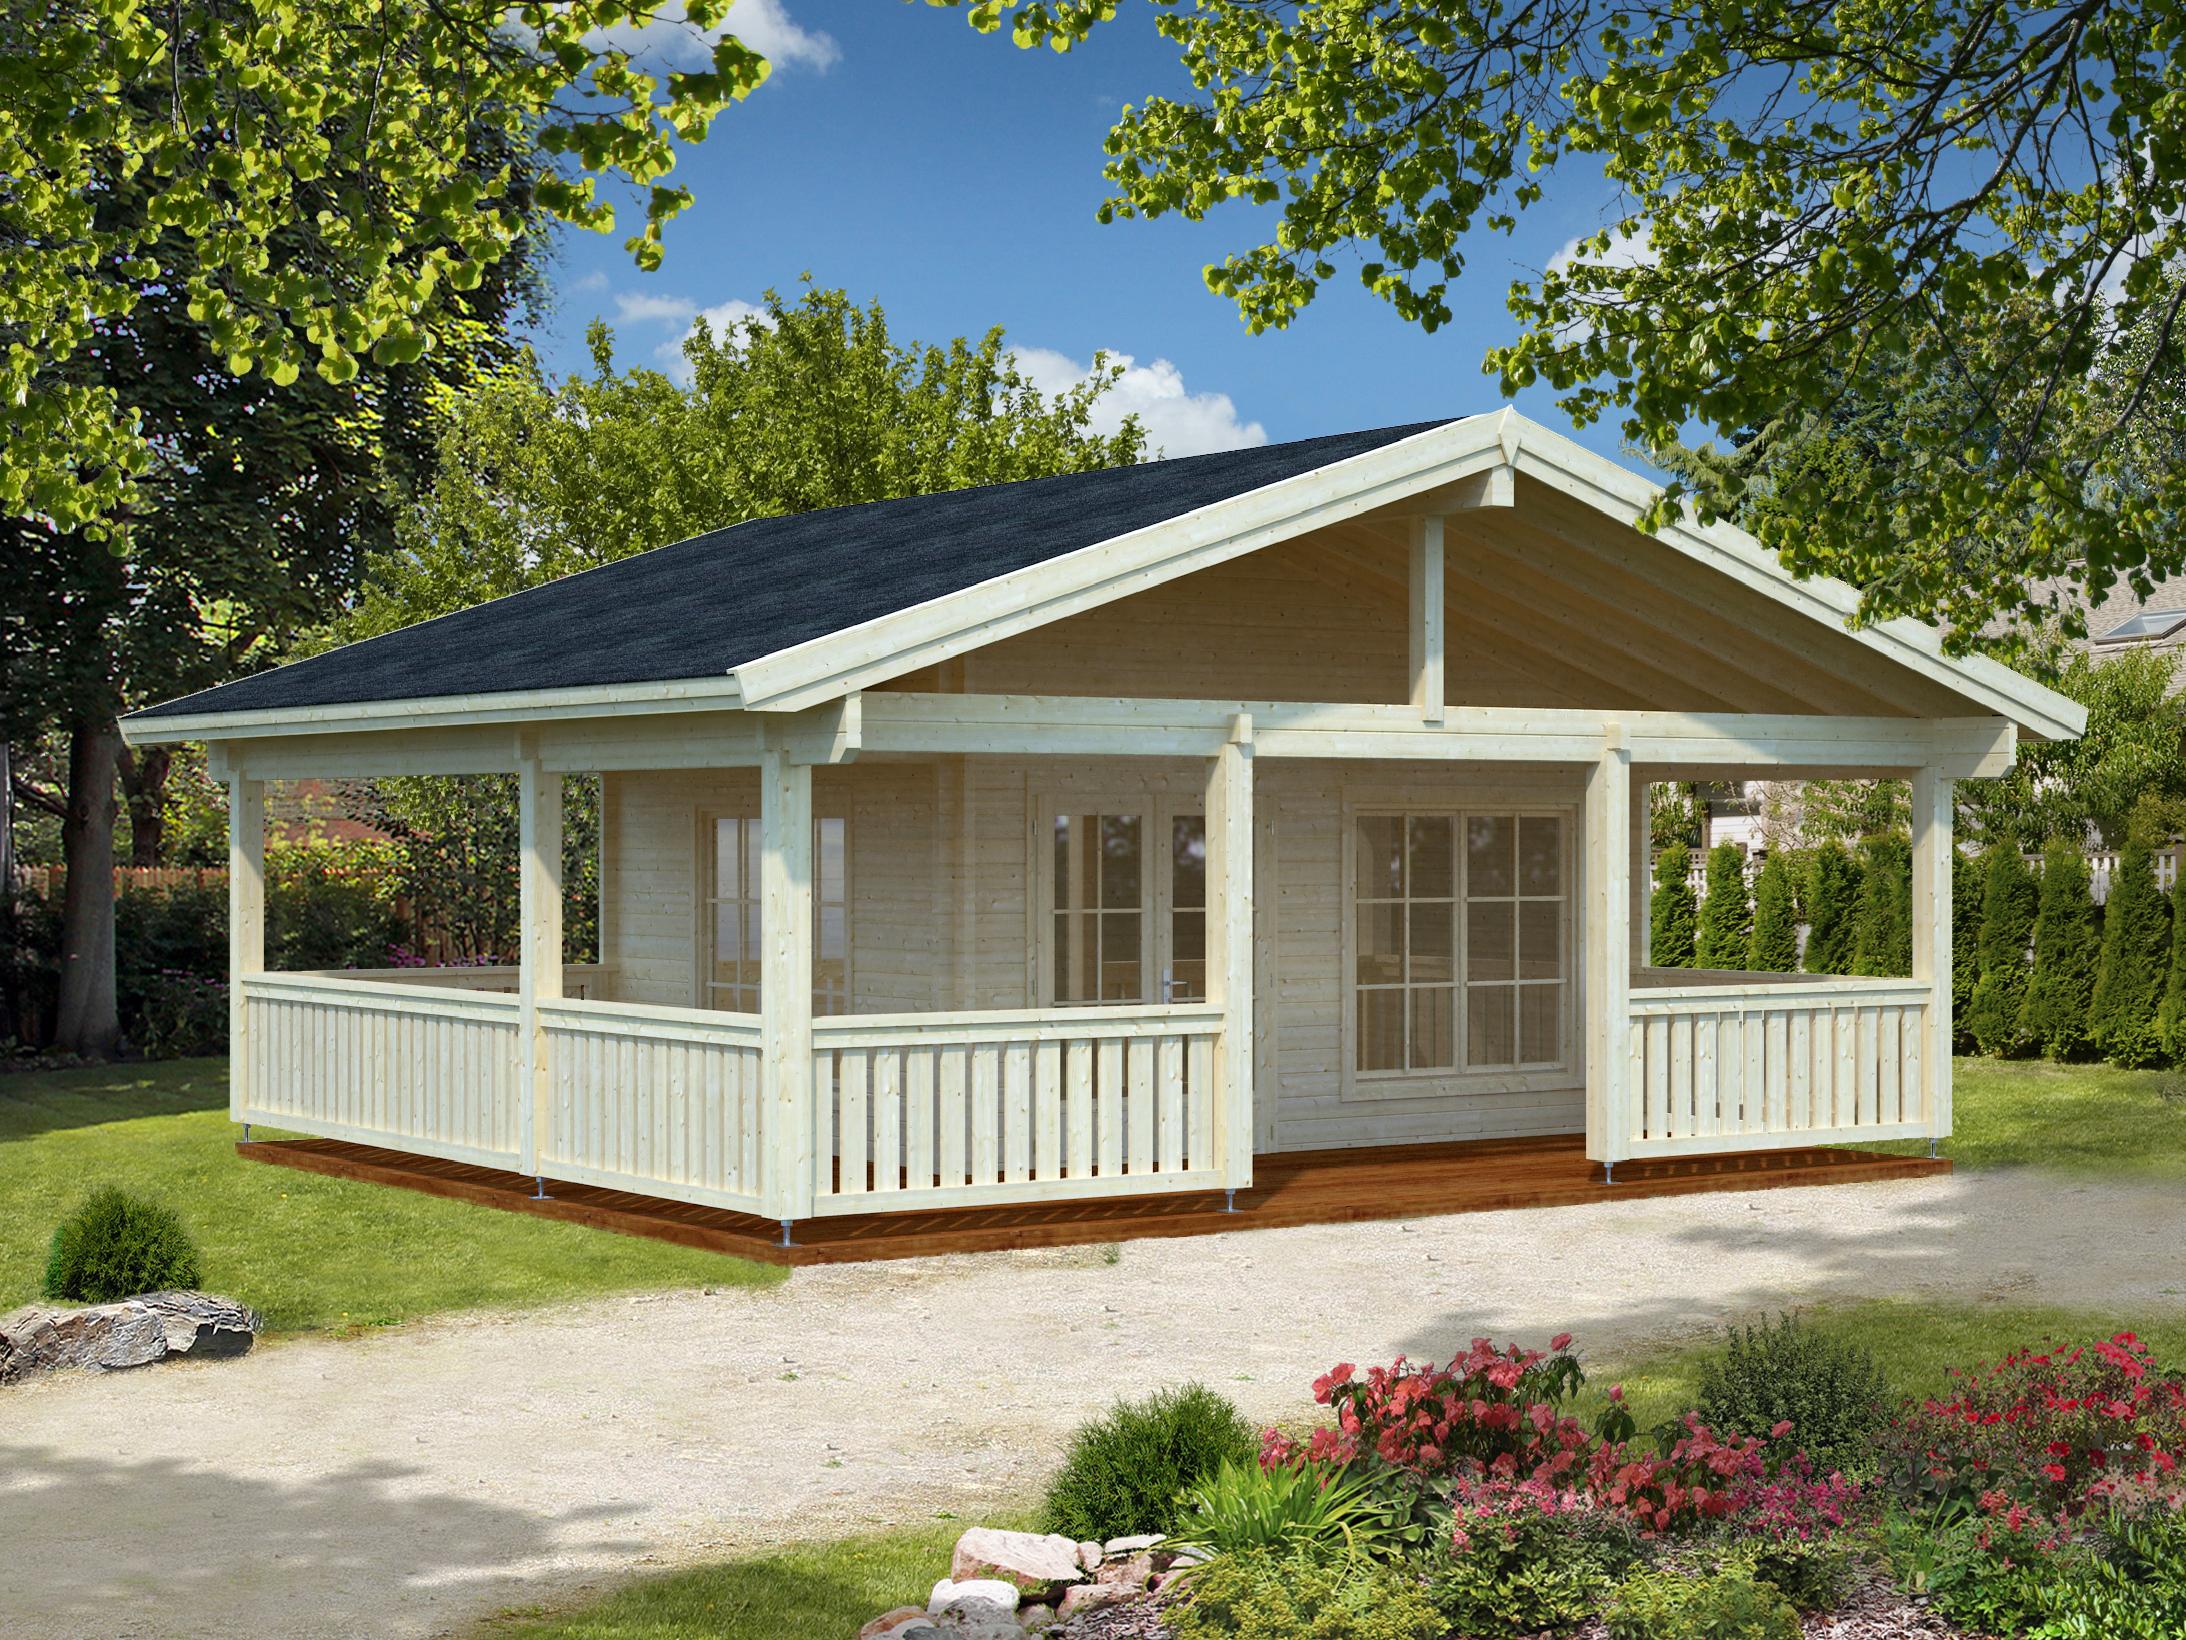 Bj lkehytte med veranda p 28 8m2 se vores store udvalg - Camping toilette fur gartenhaus ...